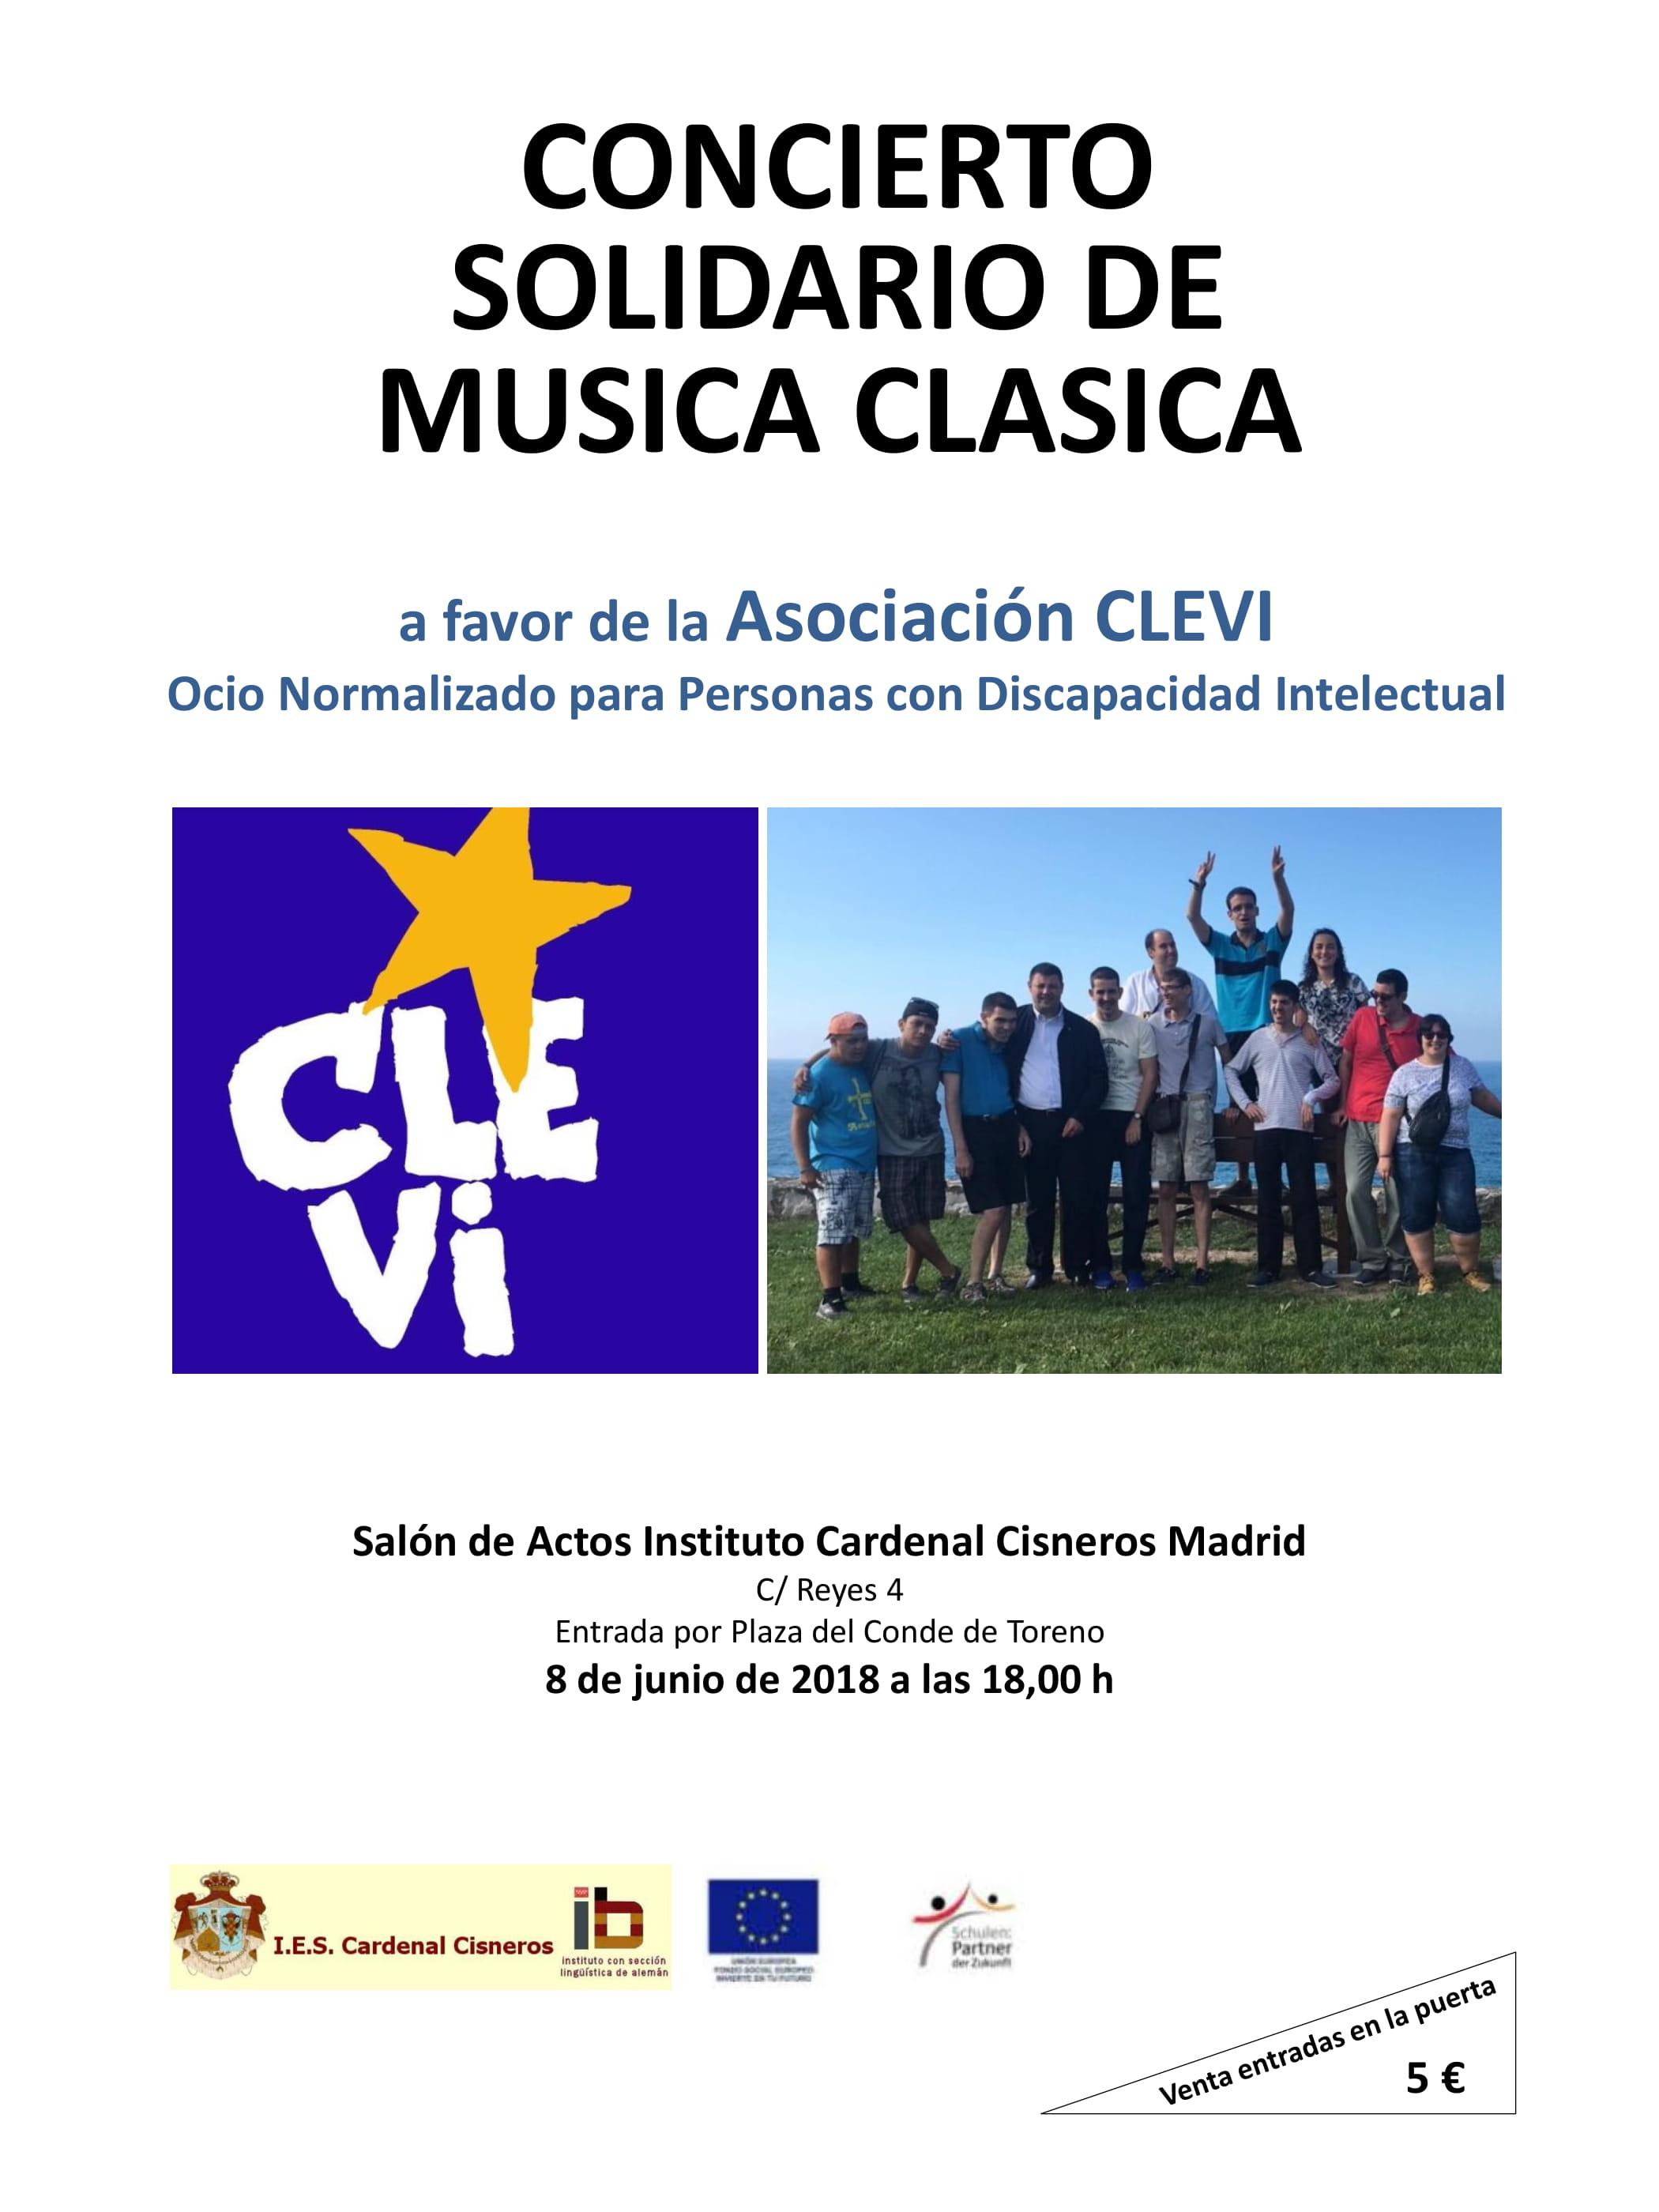 Aula Virtual Ies Cardenal Cisneros Alcala De Henares